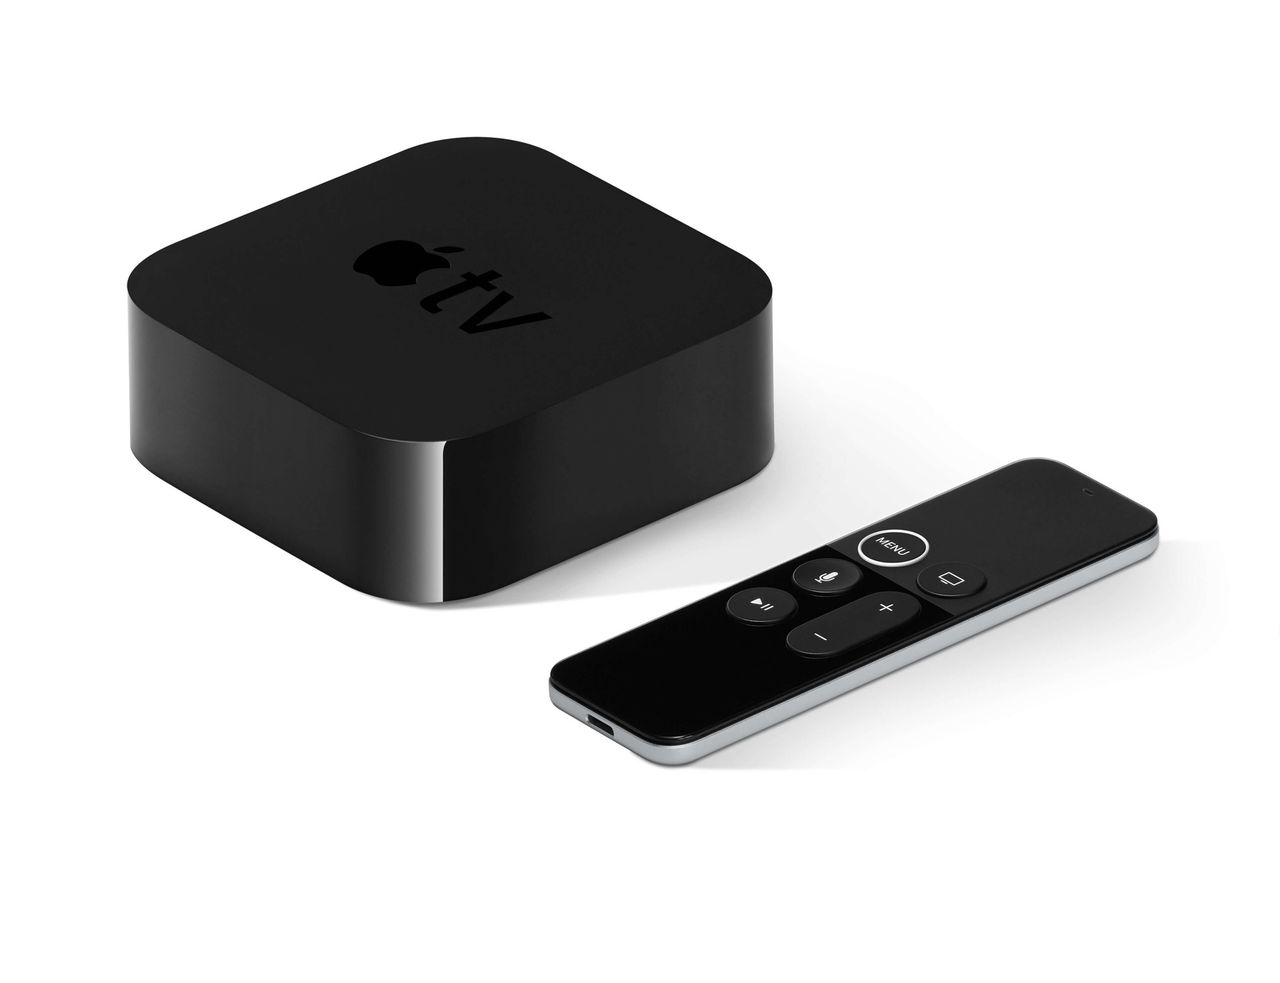 Apple TV har 2 procent av hårdvarumarknaden för streaming